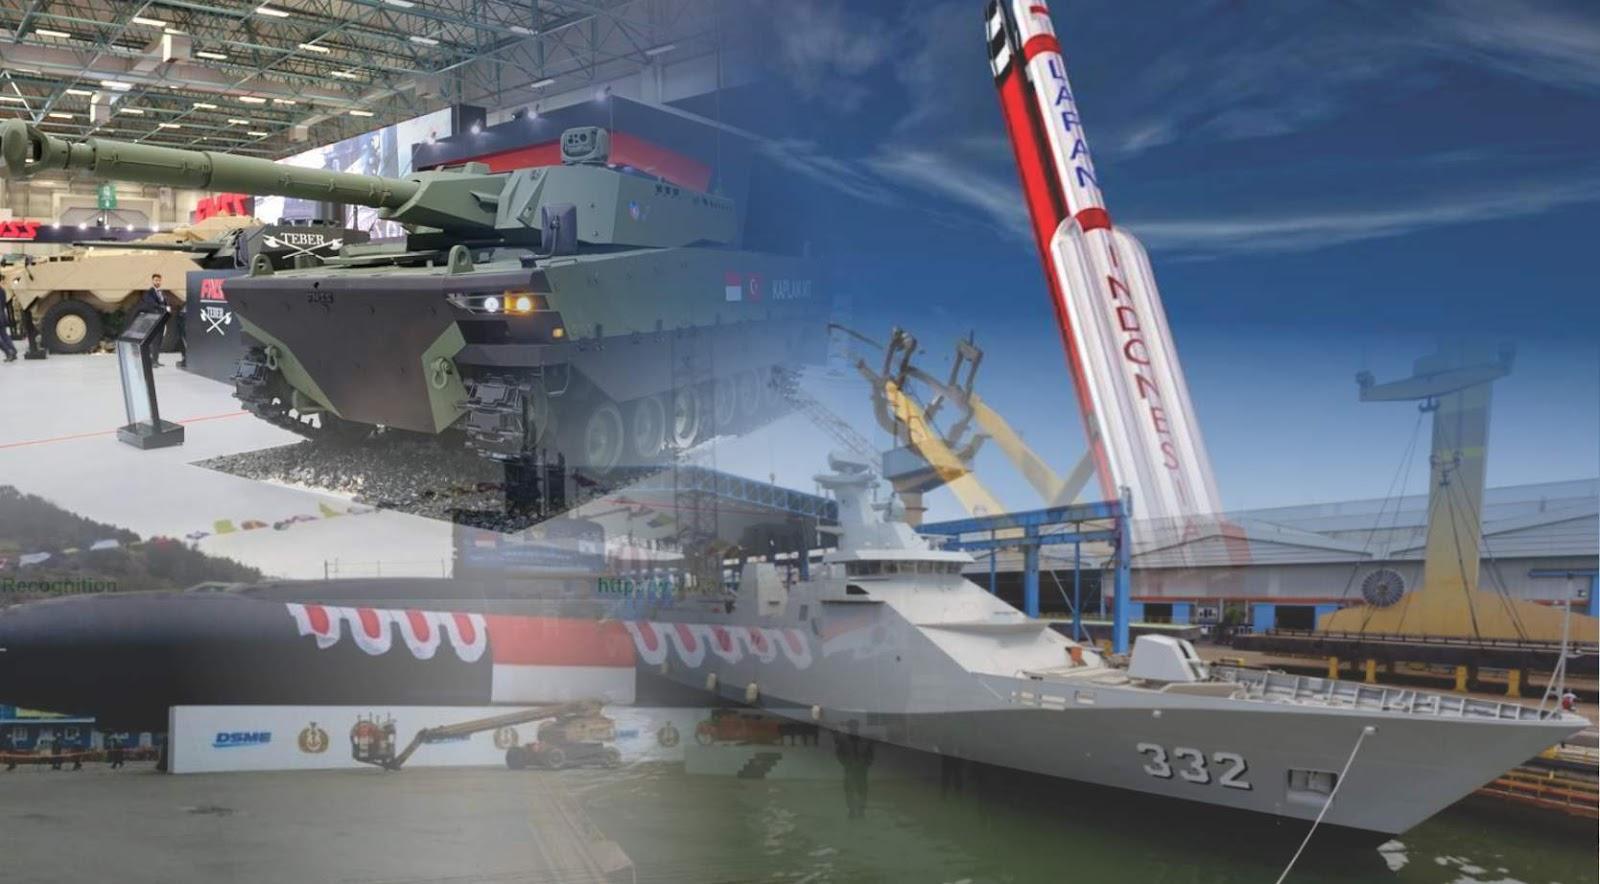 Pentingnya mewujudkan industi pertahanan Indonesia yang mandiri dan berdaulat